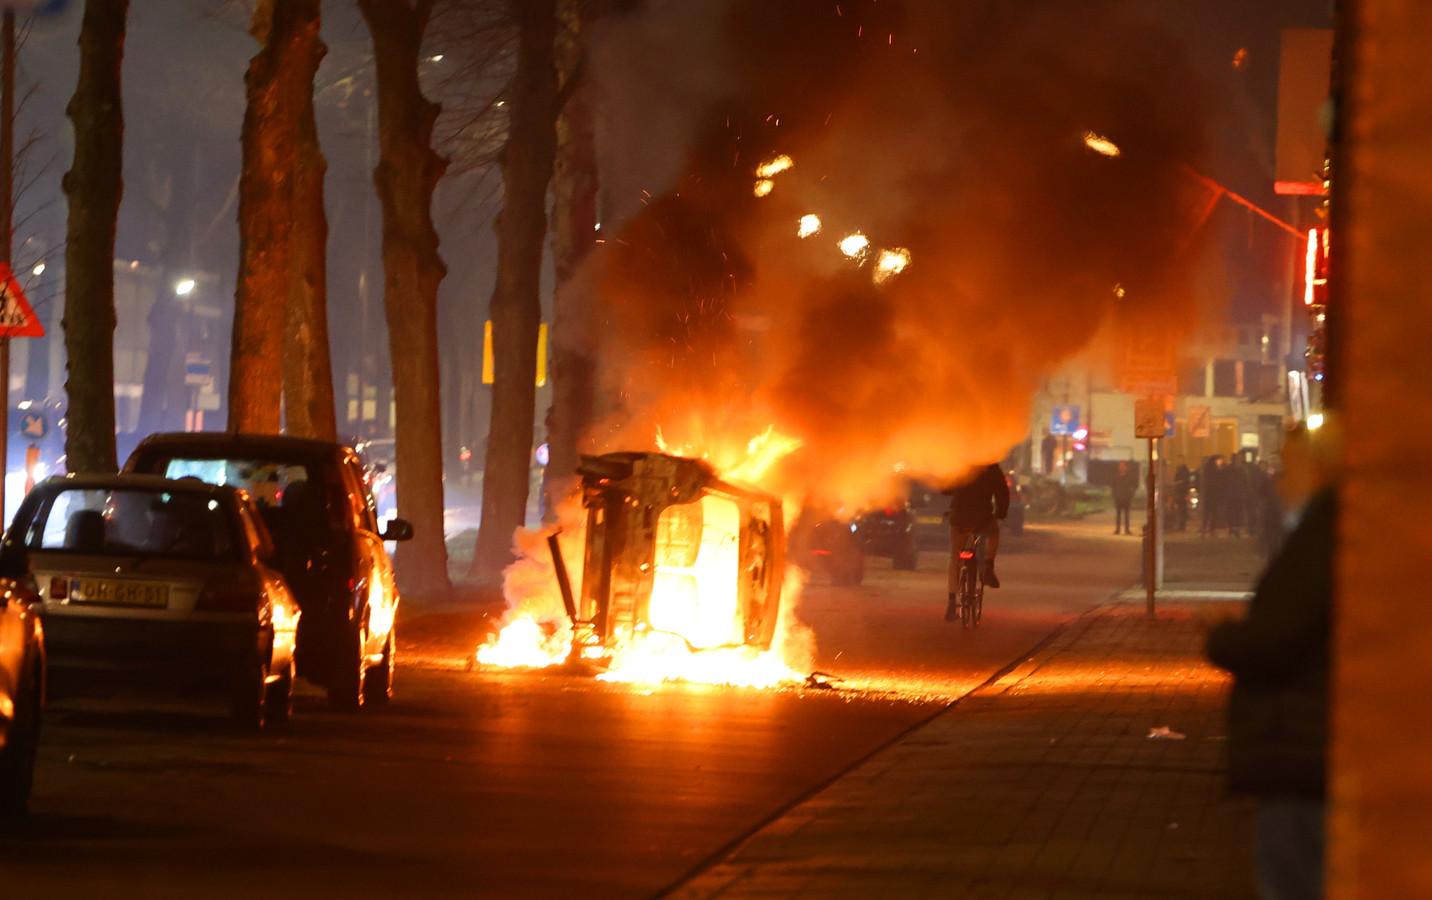 Ondanks noodverordening weer autobrand in onrustige Graafsewijk Den Bosch, politie bekogeld met vuurwerk tijdens jaarwisseling. Foto Bart Meesters